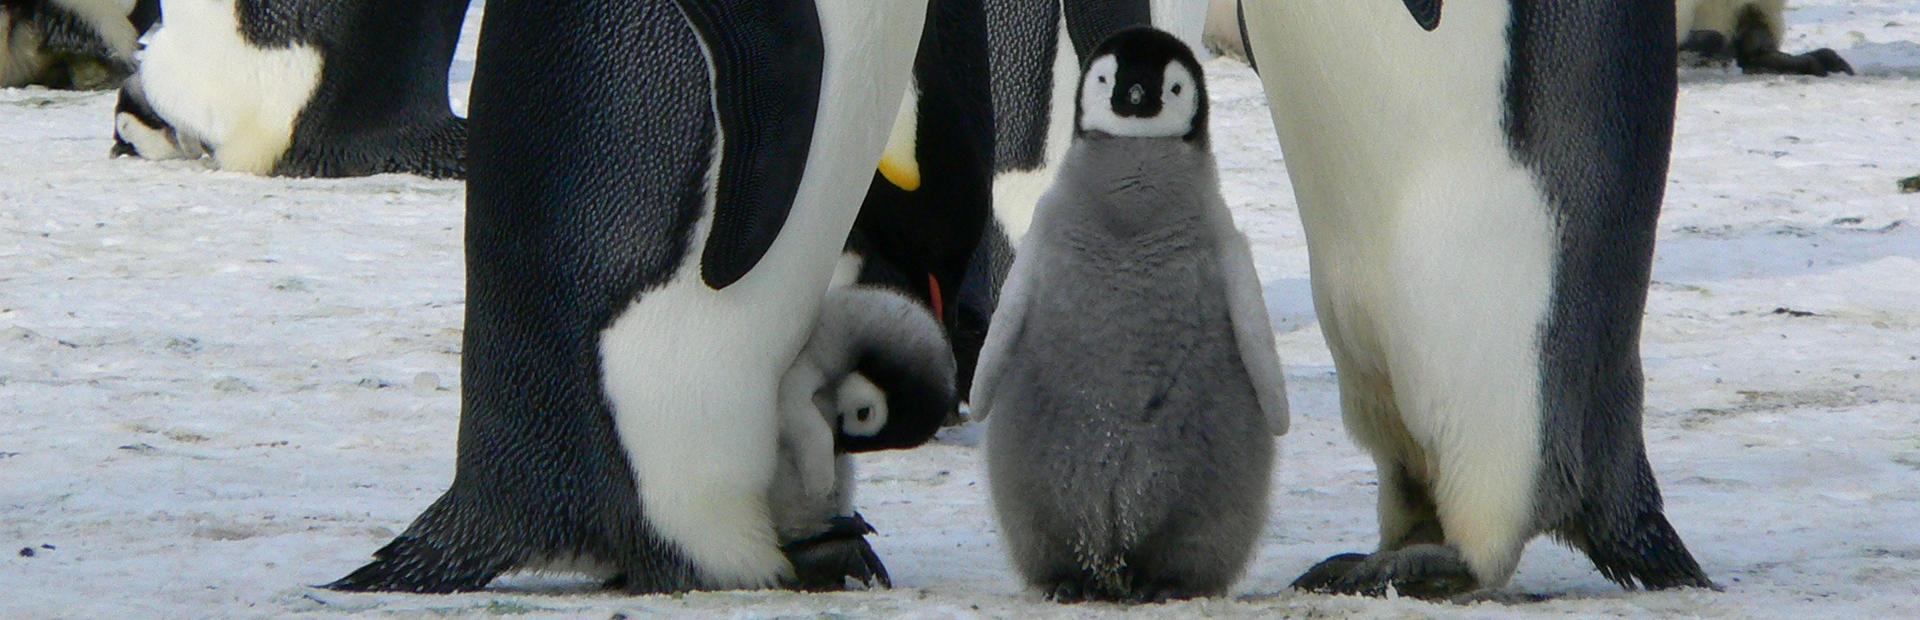 emperor-penguins-429128px copy